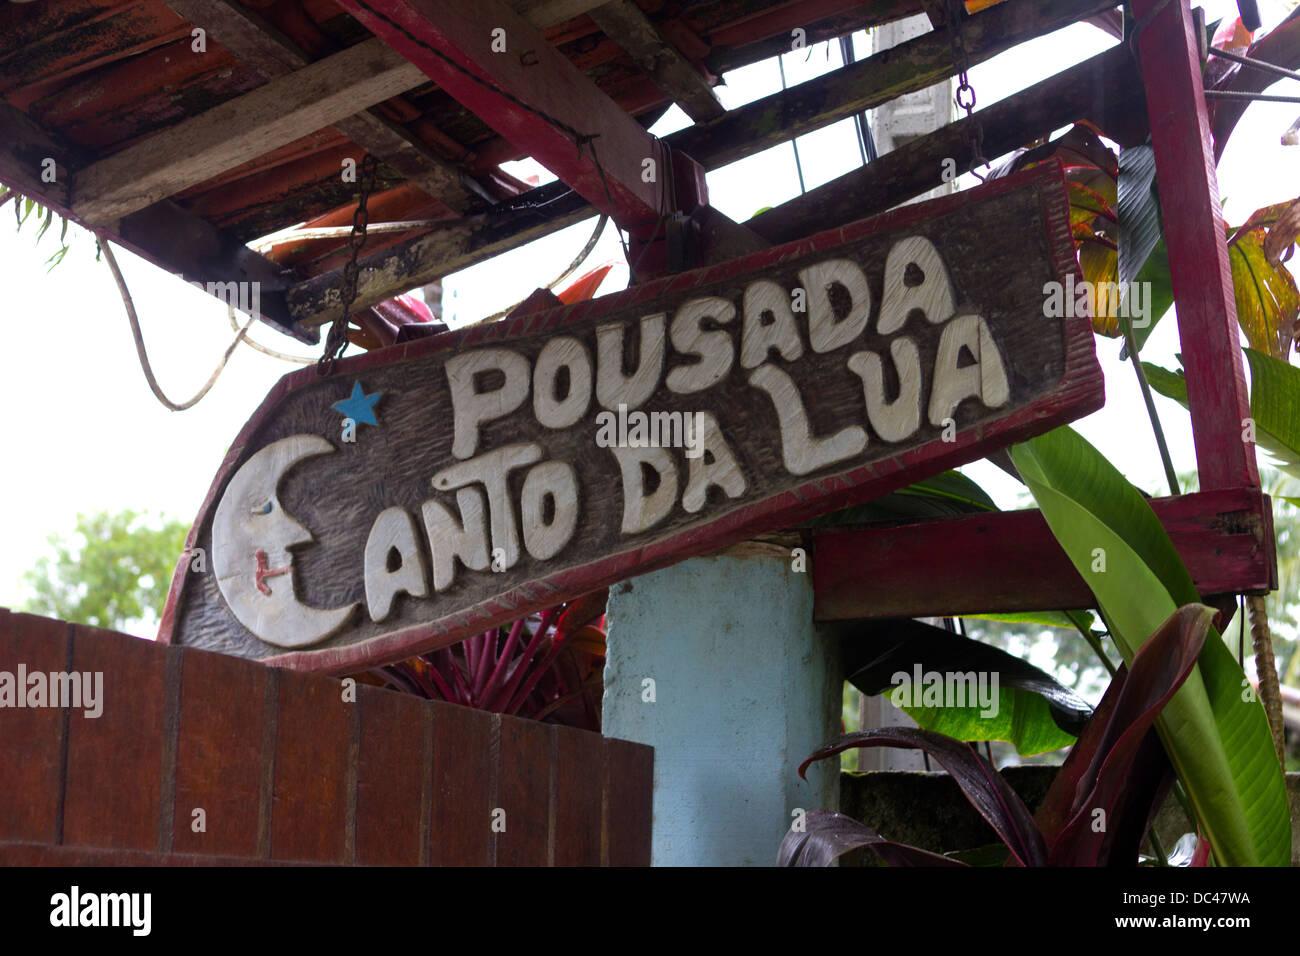 """Ein Zeichen für eine Pousada oder Brasilianer Guesthouse """"Canto Da Lua"""" im Urlaub Stadt Trindade, Stockbild"""